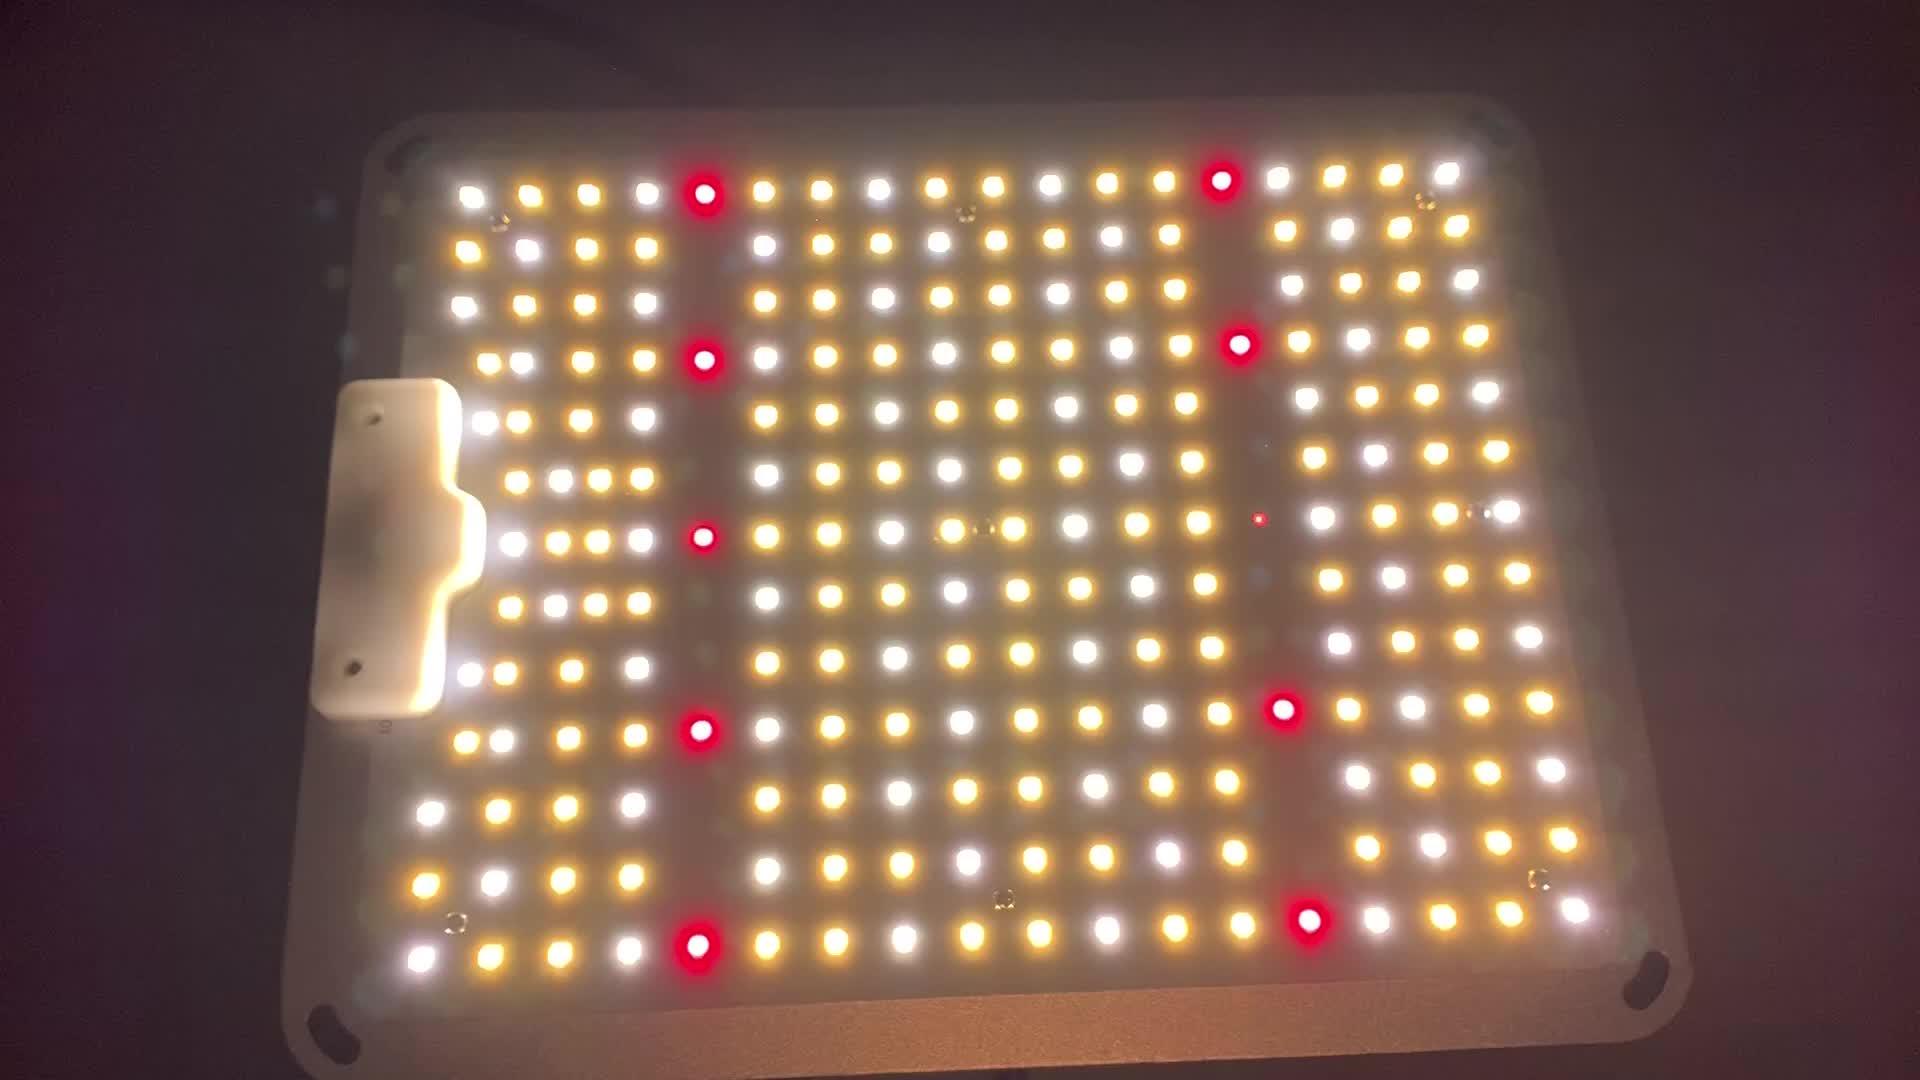 Samsung puces LM301B et gradable MeanWell pilote Sunlike spectre complet plantes lumières SF-1000 LED pousser la lumière